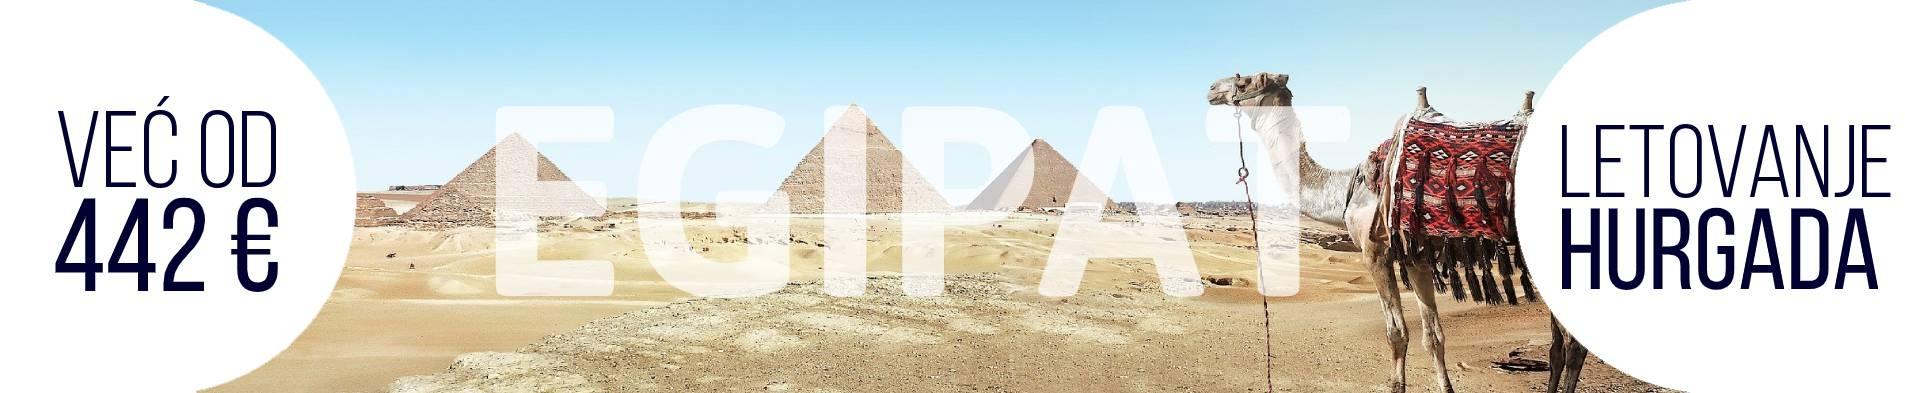 Egipat letovanje 2020